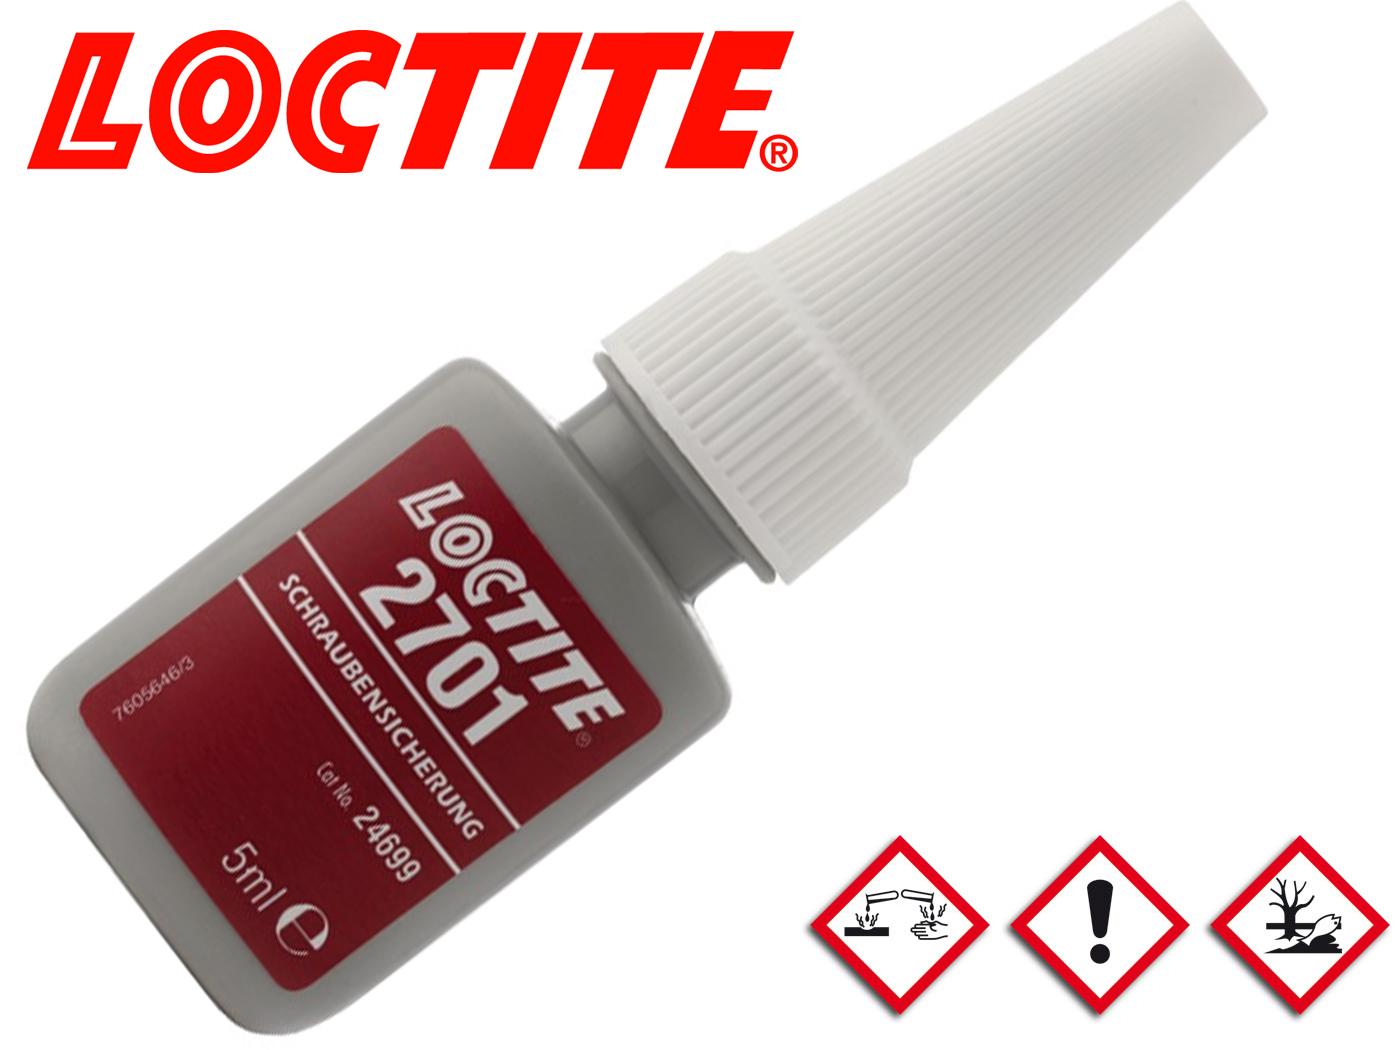 Schroefdraadborger 2701 groen LOCTITE | DKMTools - DKM Tools